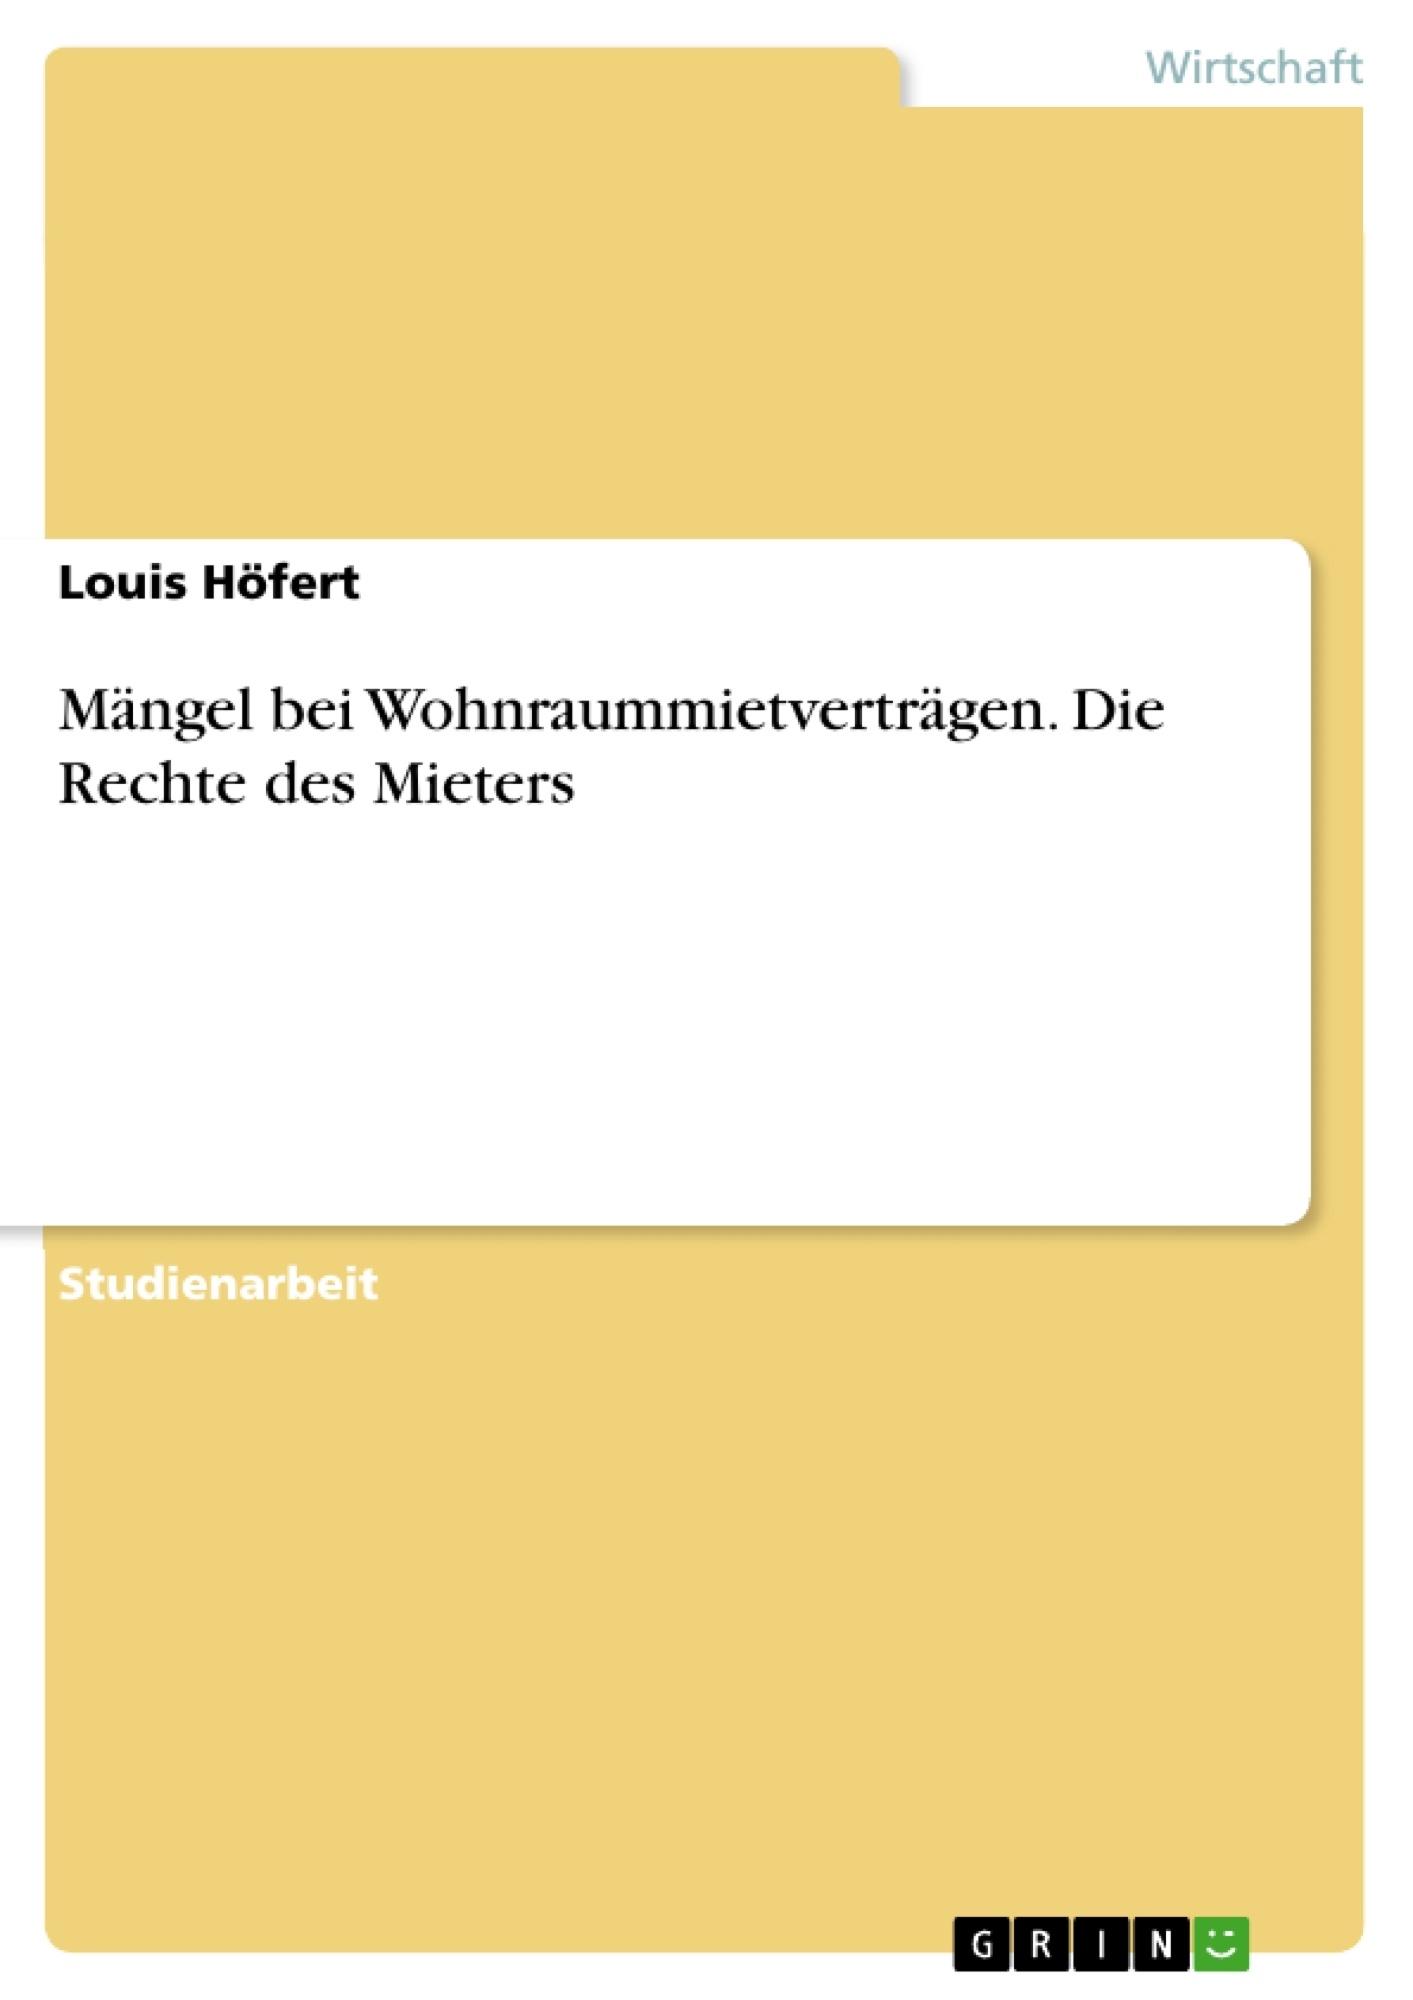 Titel: Mängel bei Wohnraummietverträgen. Die Rechte des Mieters